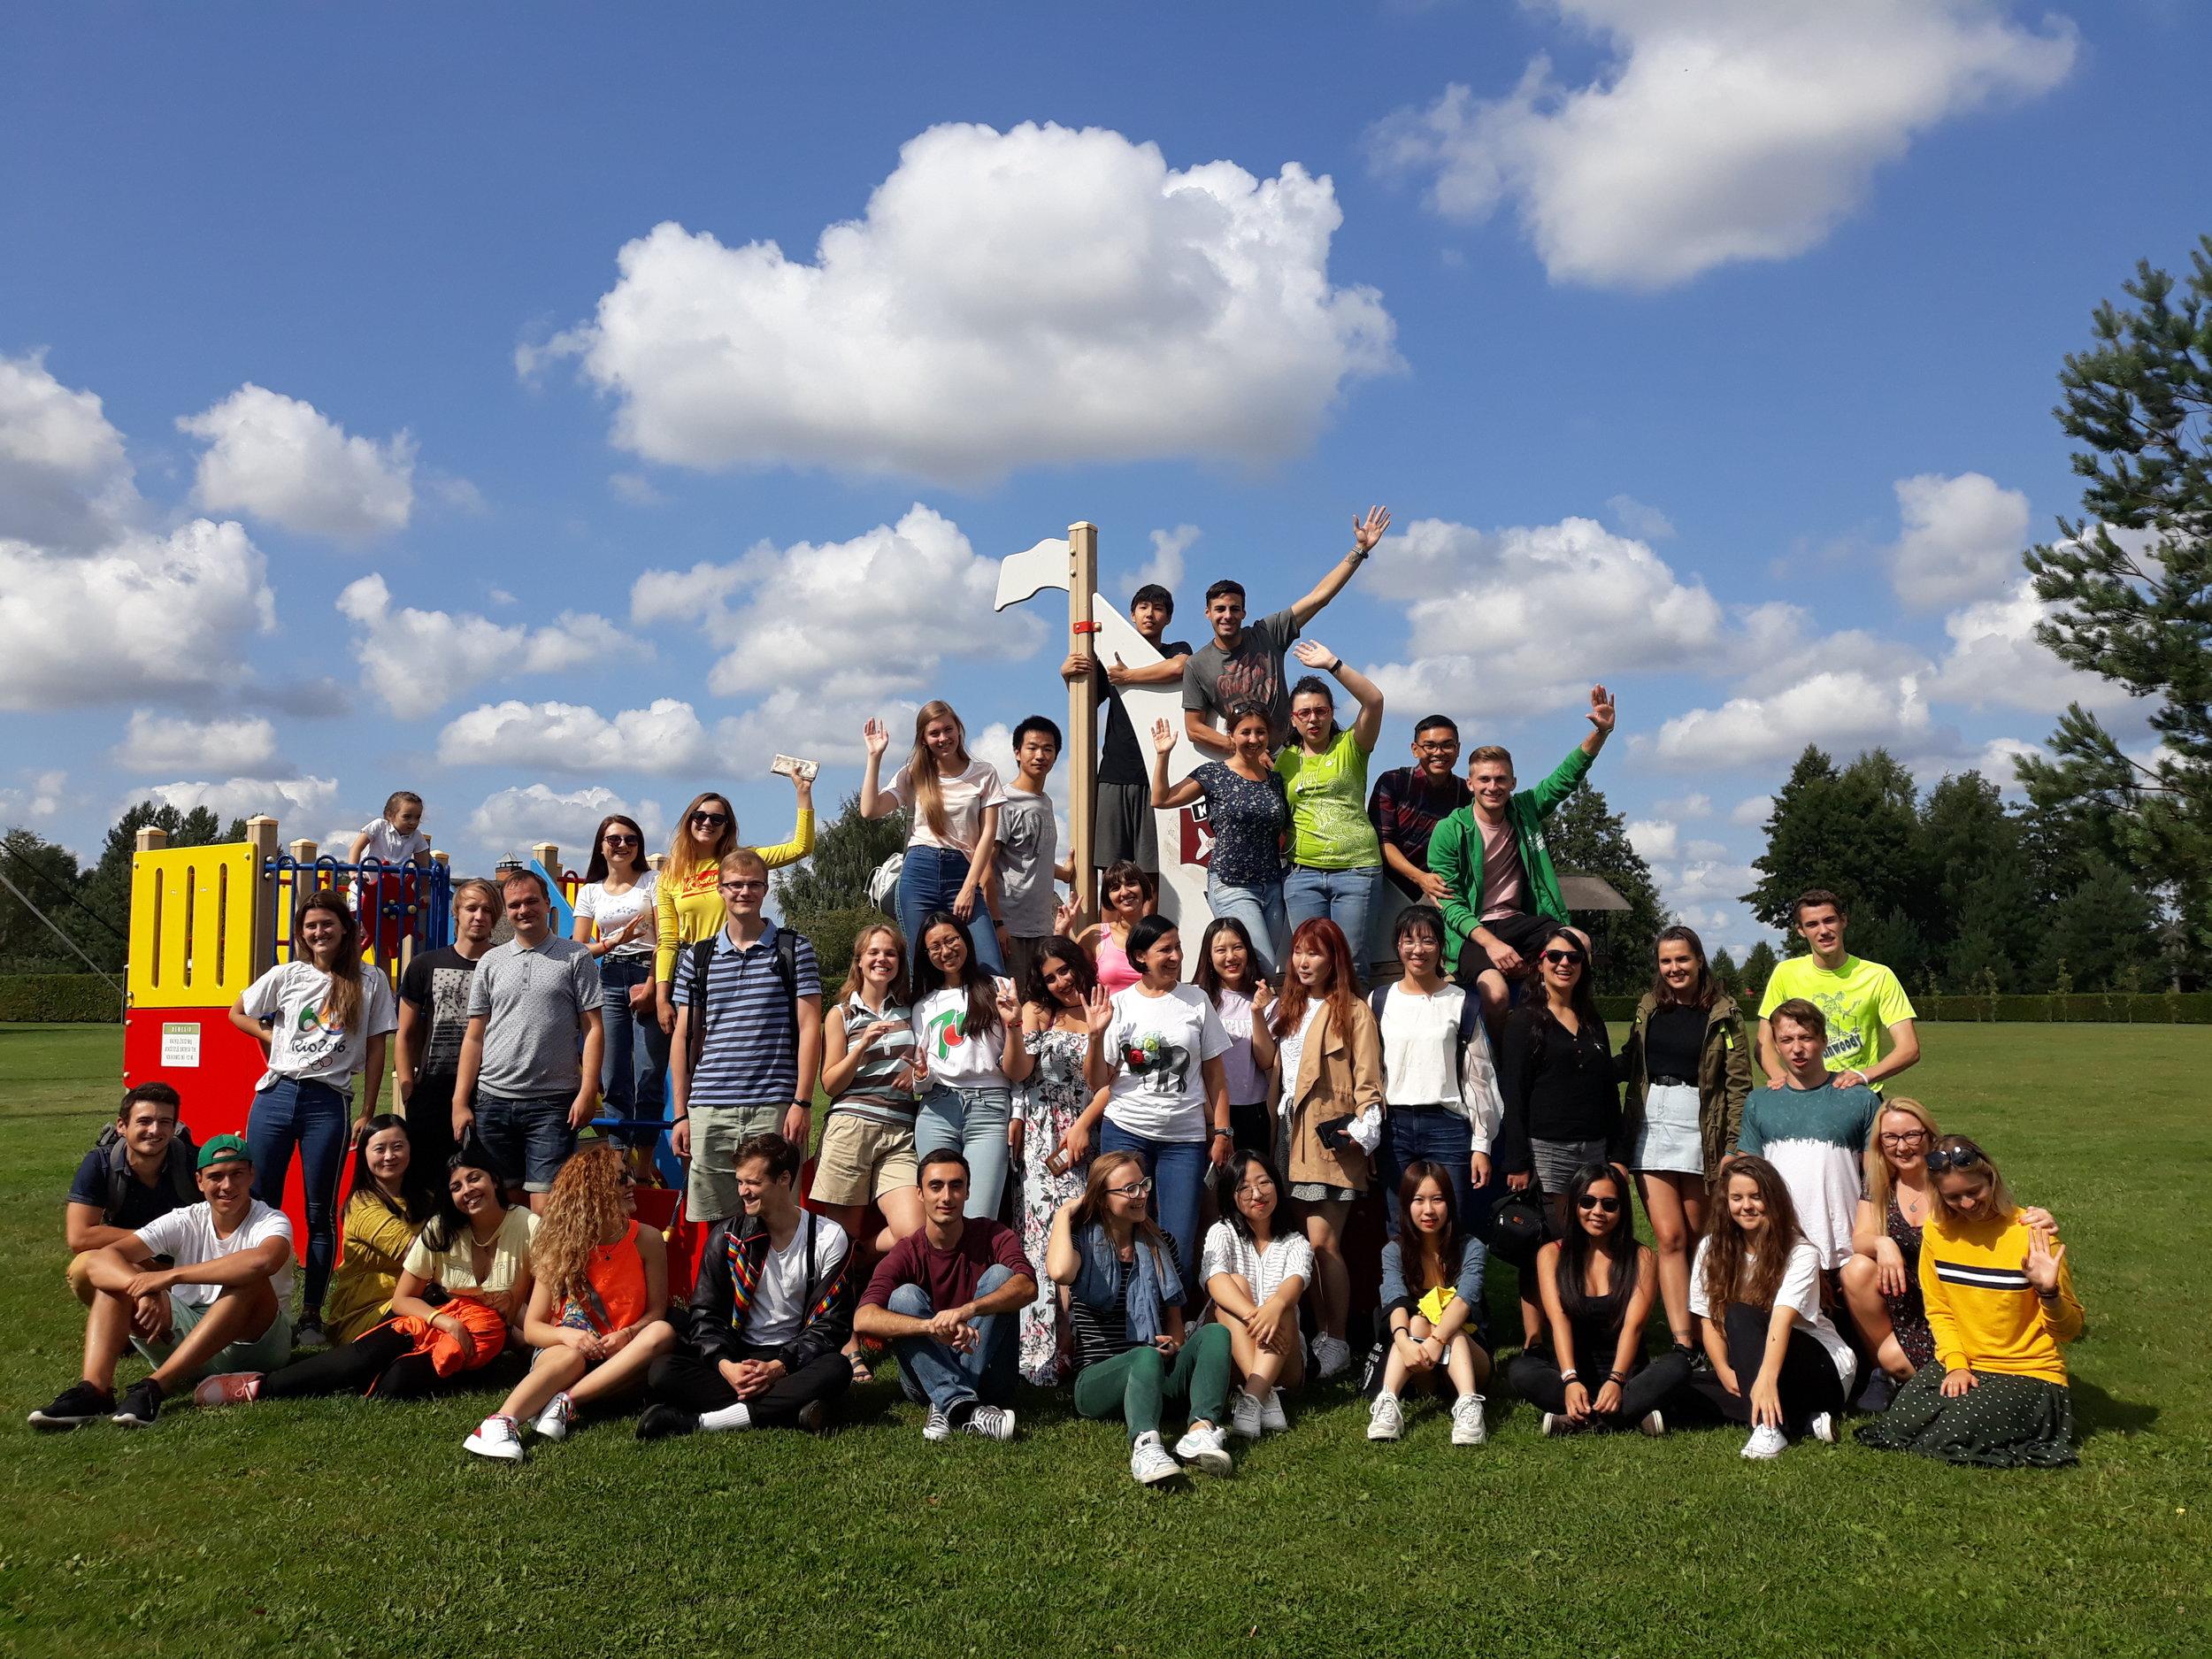 LEU Vasaros kalbos kursų studentai.jpg